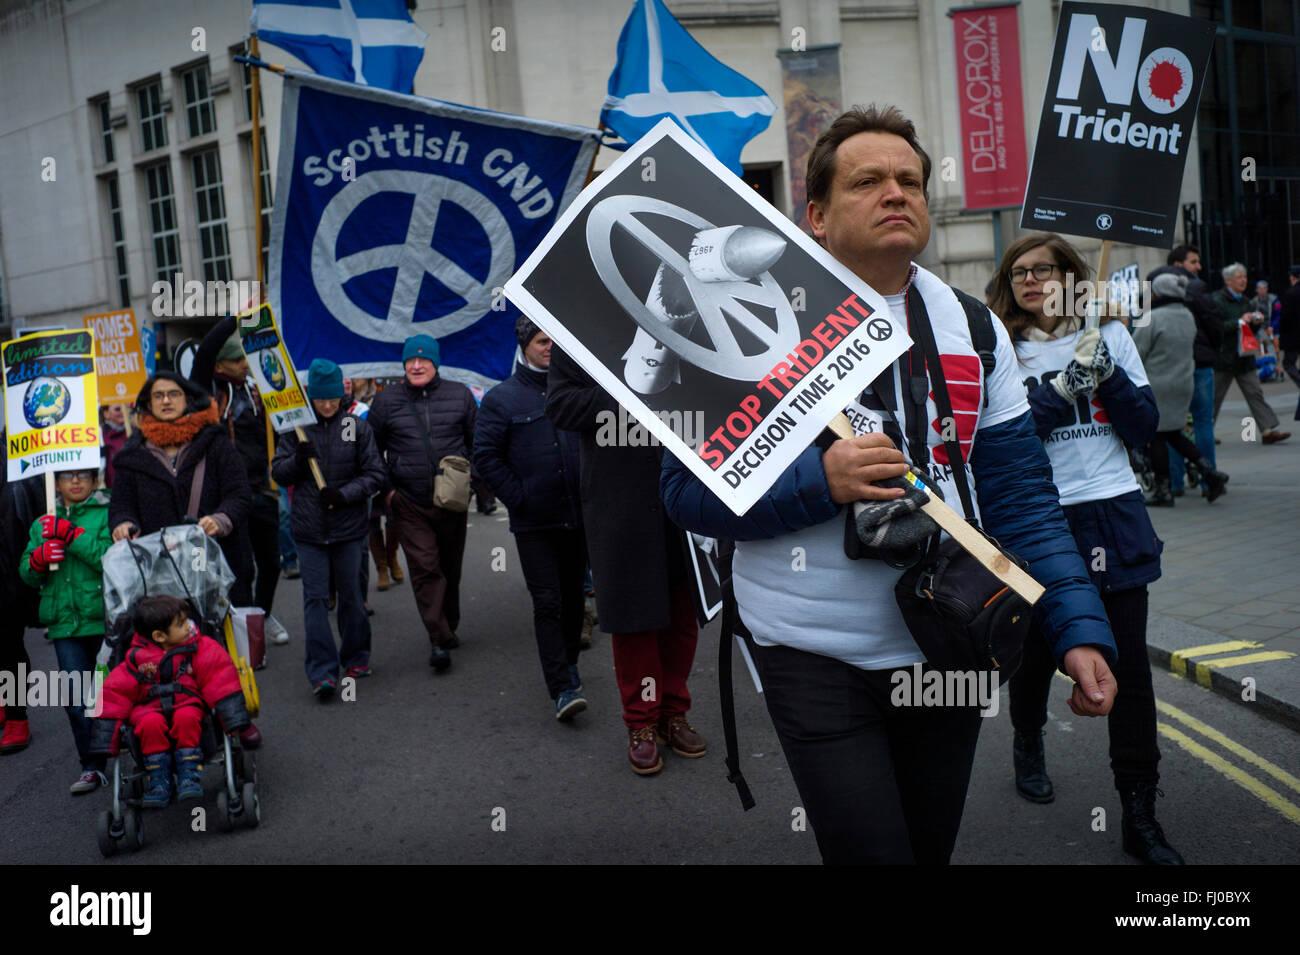 Londres, Royaume-Uni. Feb 27, 2016. Trident d'arrêt de mars à Marble Arch, vu ici, Trafalgar Square, au centre de Londres aujourd'hui. 27 février 2016 Des milliers de jeunes et vieux protester contre la poursuite de missiles nucléaires Trident le système actuellement utilisé par le gouvernement britannique. Crédit: BRIAN HARRIS/Alamy Live News Banque D'Images